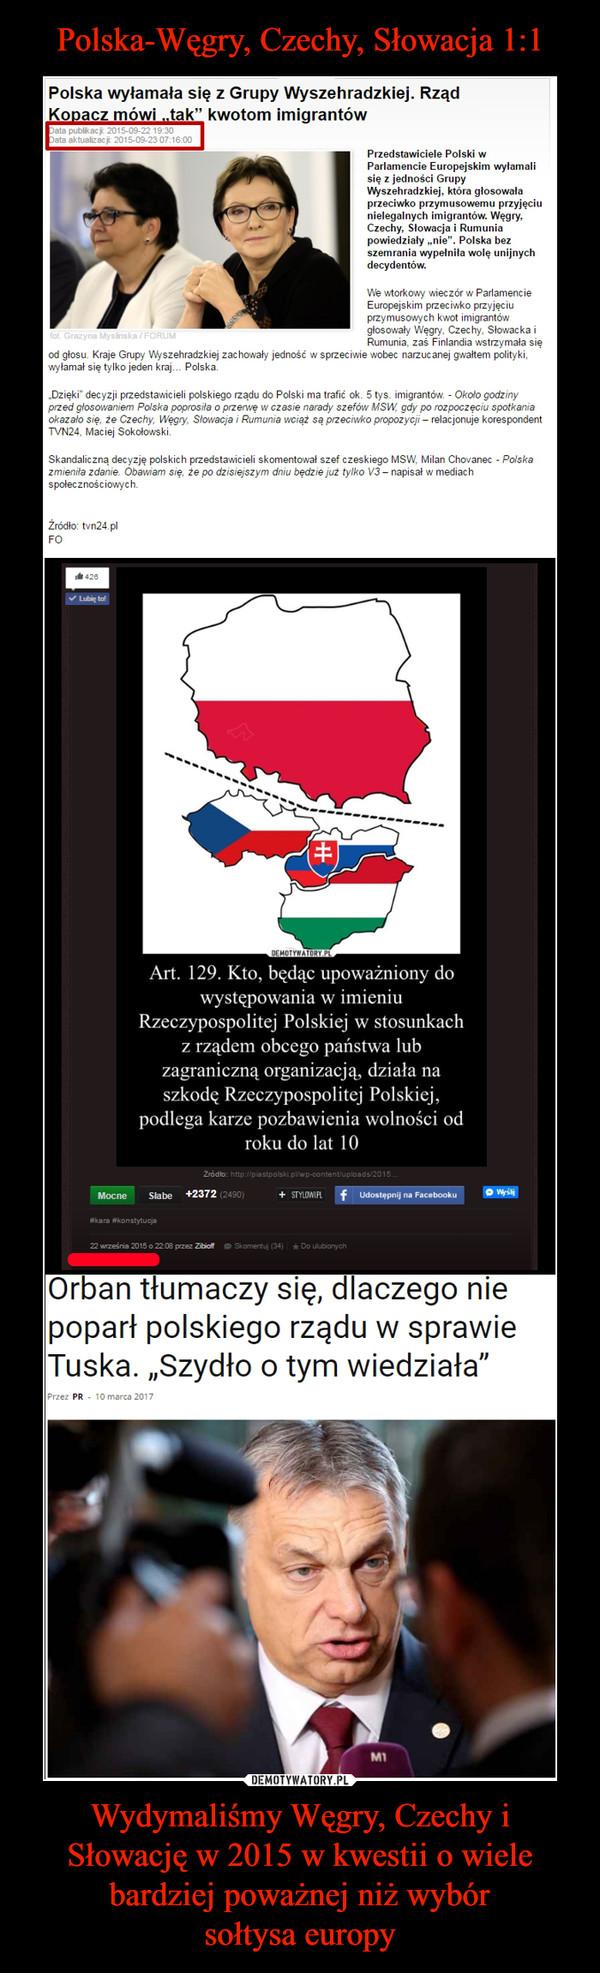 Wydymaliśmy Węgry, Czechy i Słowację w 2015 w kwestii o wiele bardziej poważnej niż wybórsołtysa europy –